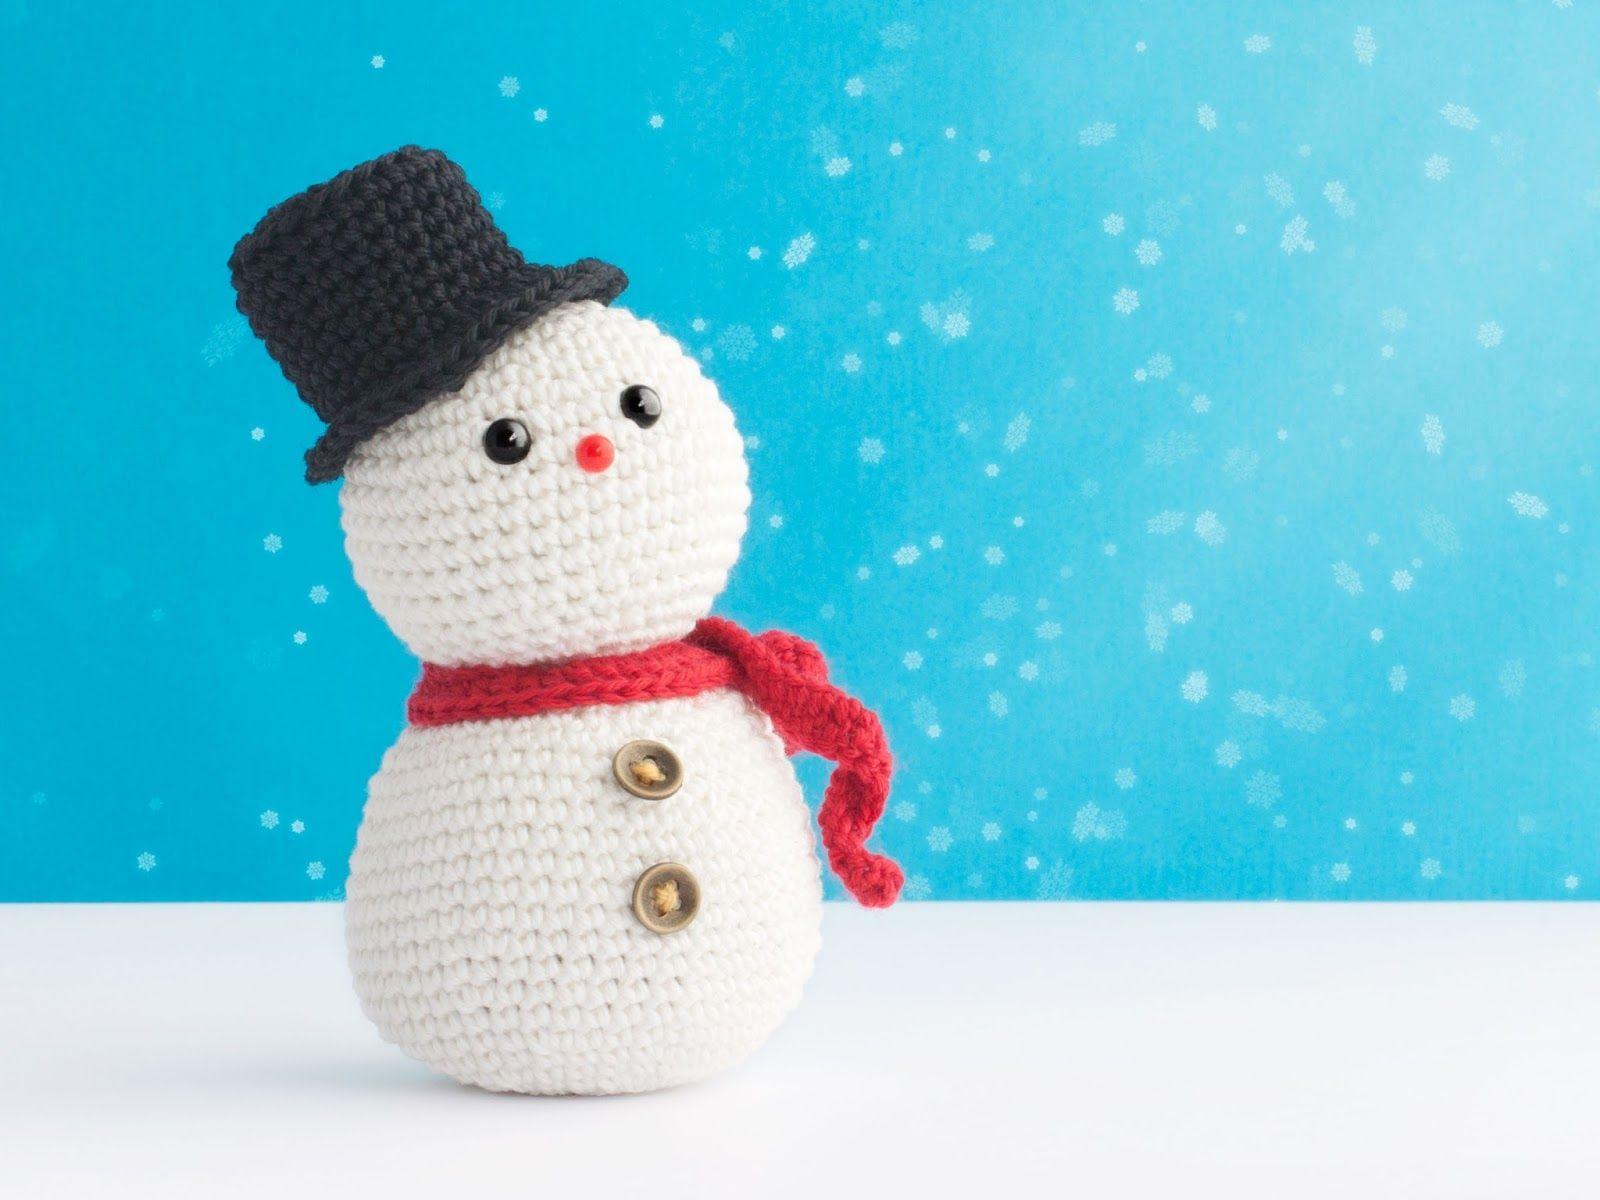 Amigurumi Snowman : Muñeco de nieve amigurumi patrón gratis amigurumi snowman free